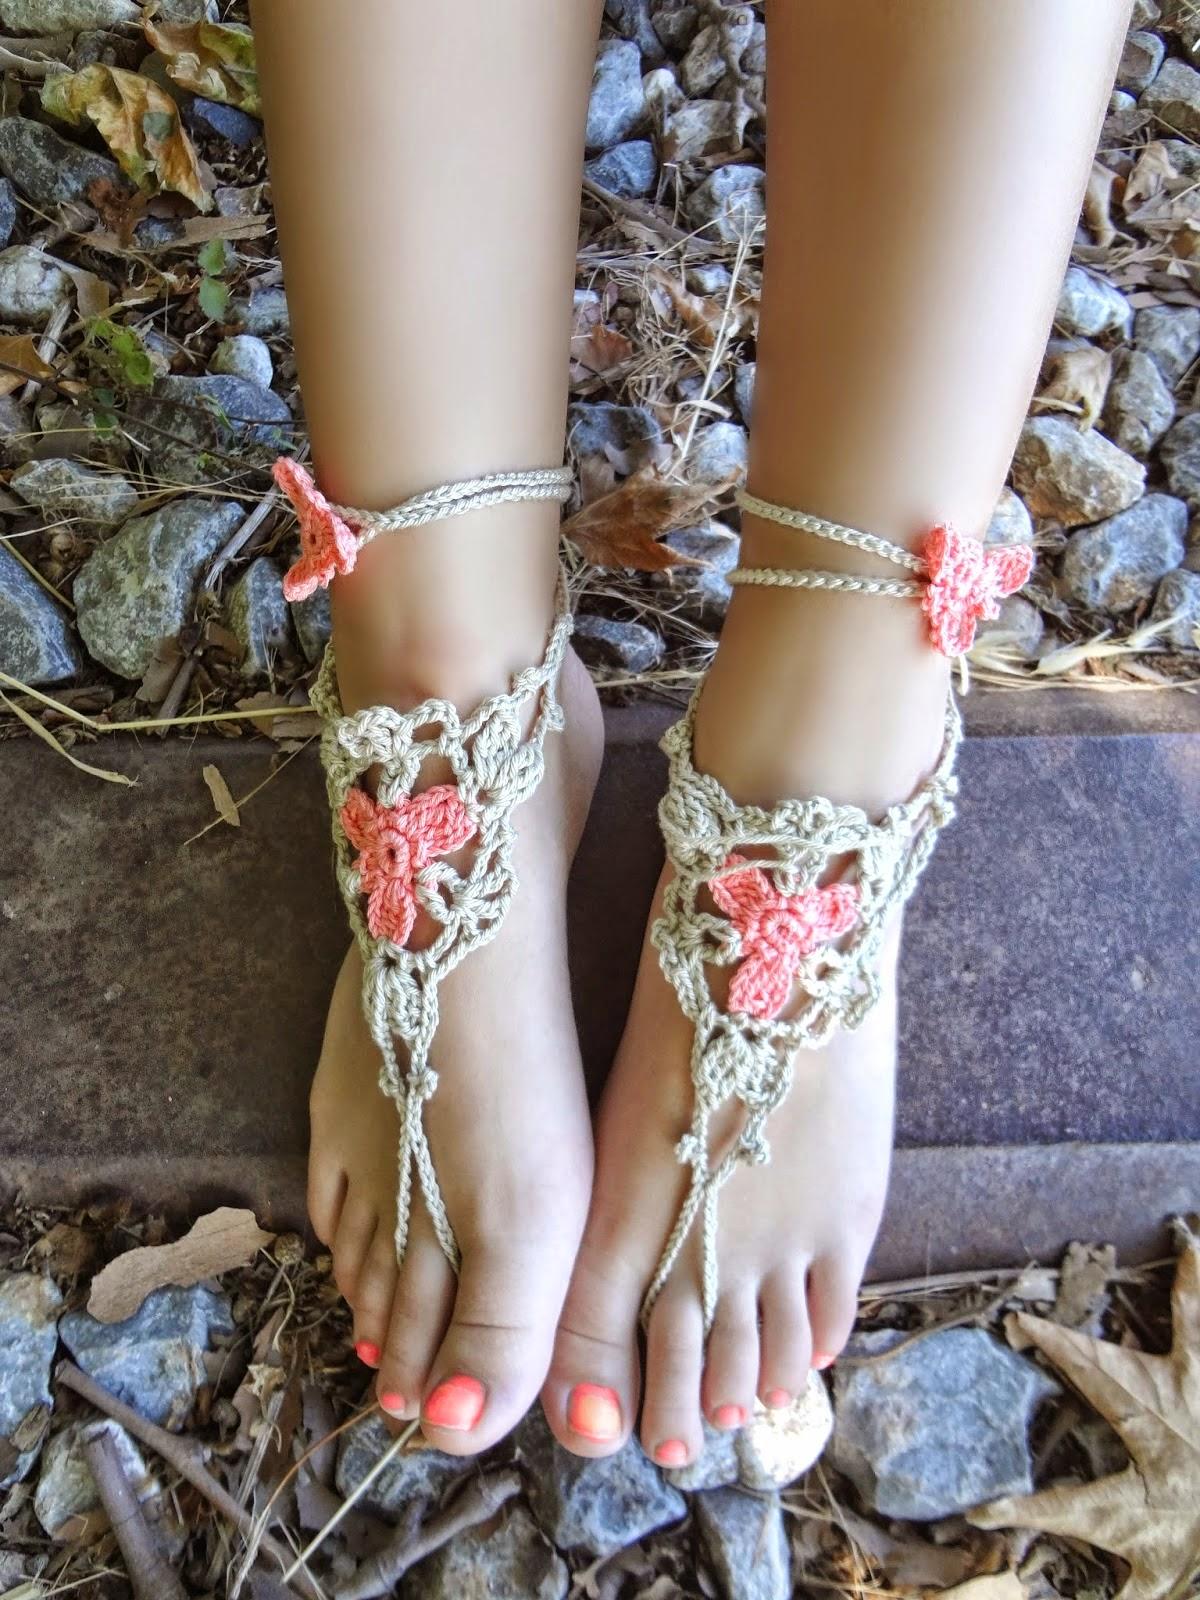 http://thelittletreasures.blogspot.gr/2014/07/crochet-flower-anklet-pdf-pattern.html